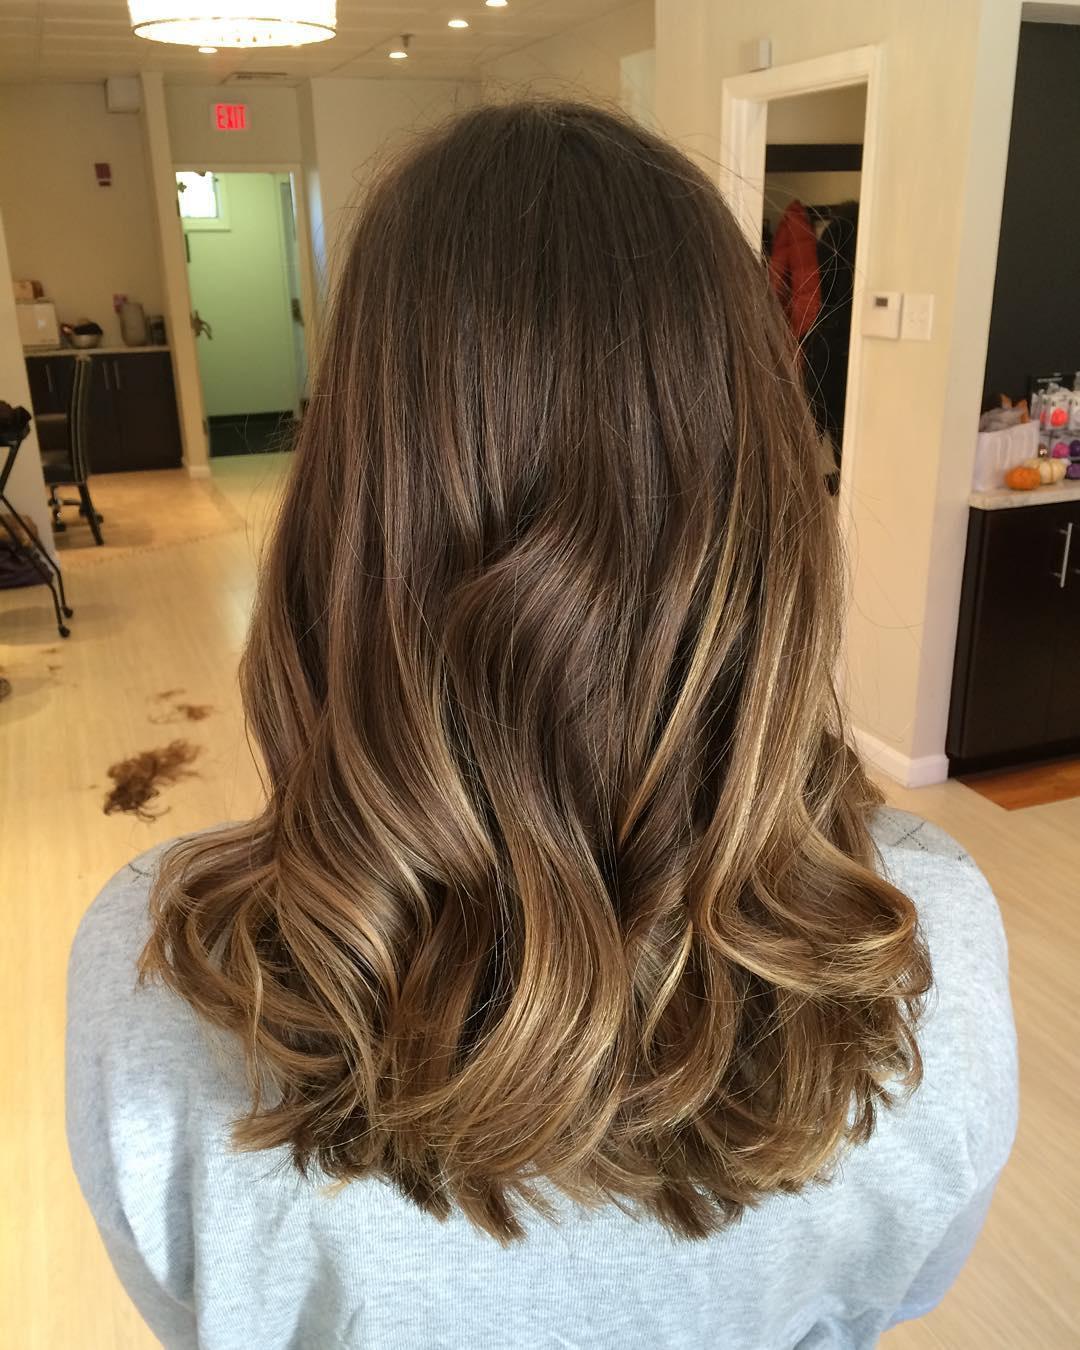 Брондирование волос: описание, виды, техника выполнения для любой длины и цвета волос